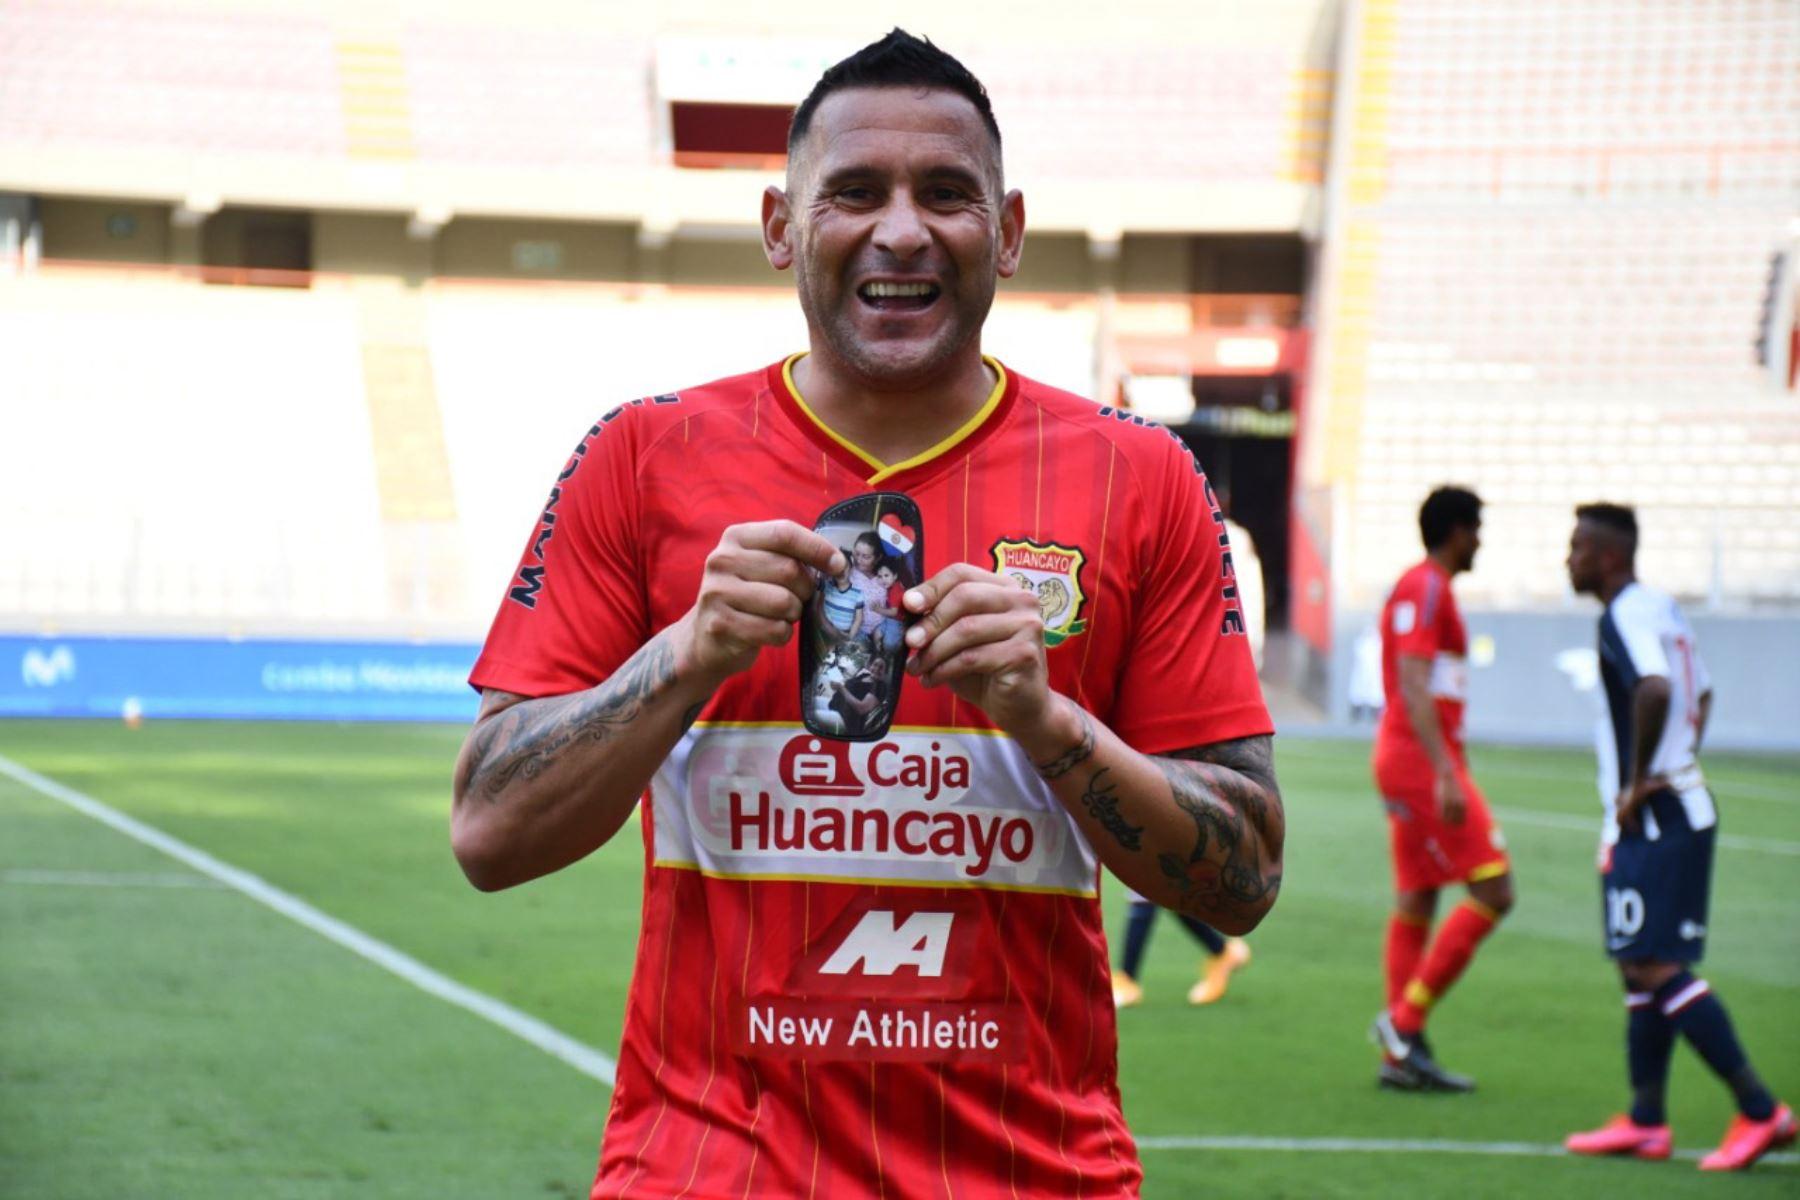 El futbolista Carlos Neumann de Sport Huancayo   celebra su gol ante Alianza Lima,  durante el partido de la fase 2 por la fecha 9 de la Liga 1 , en el Estadio Nacional.   Foto: @LigaFutProfdel